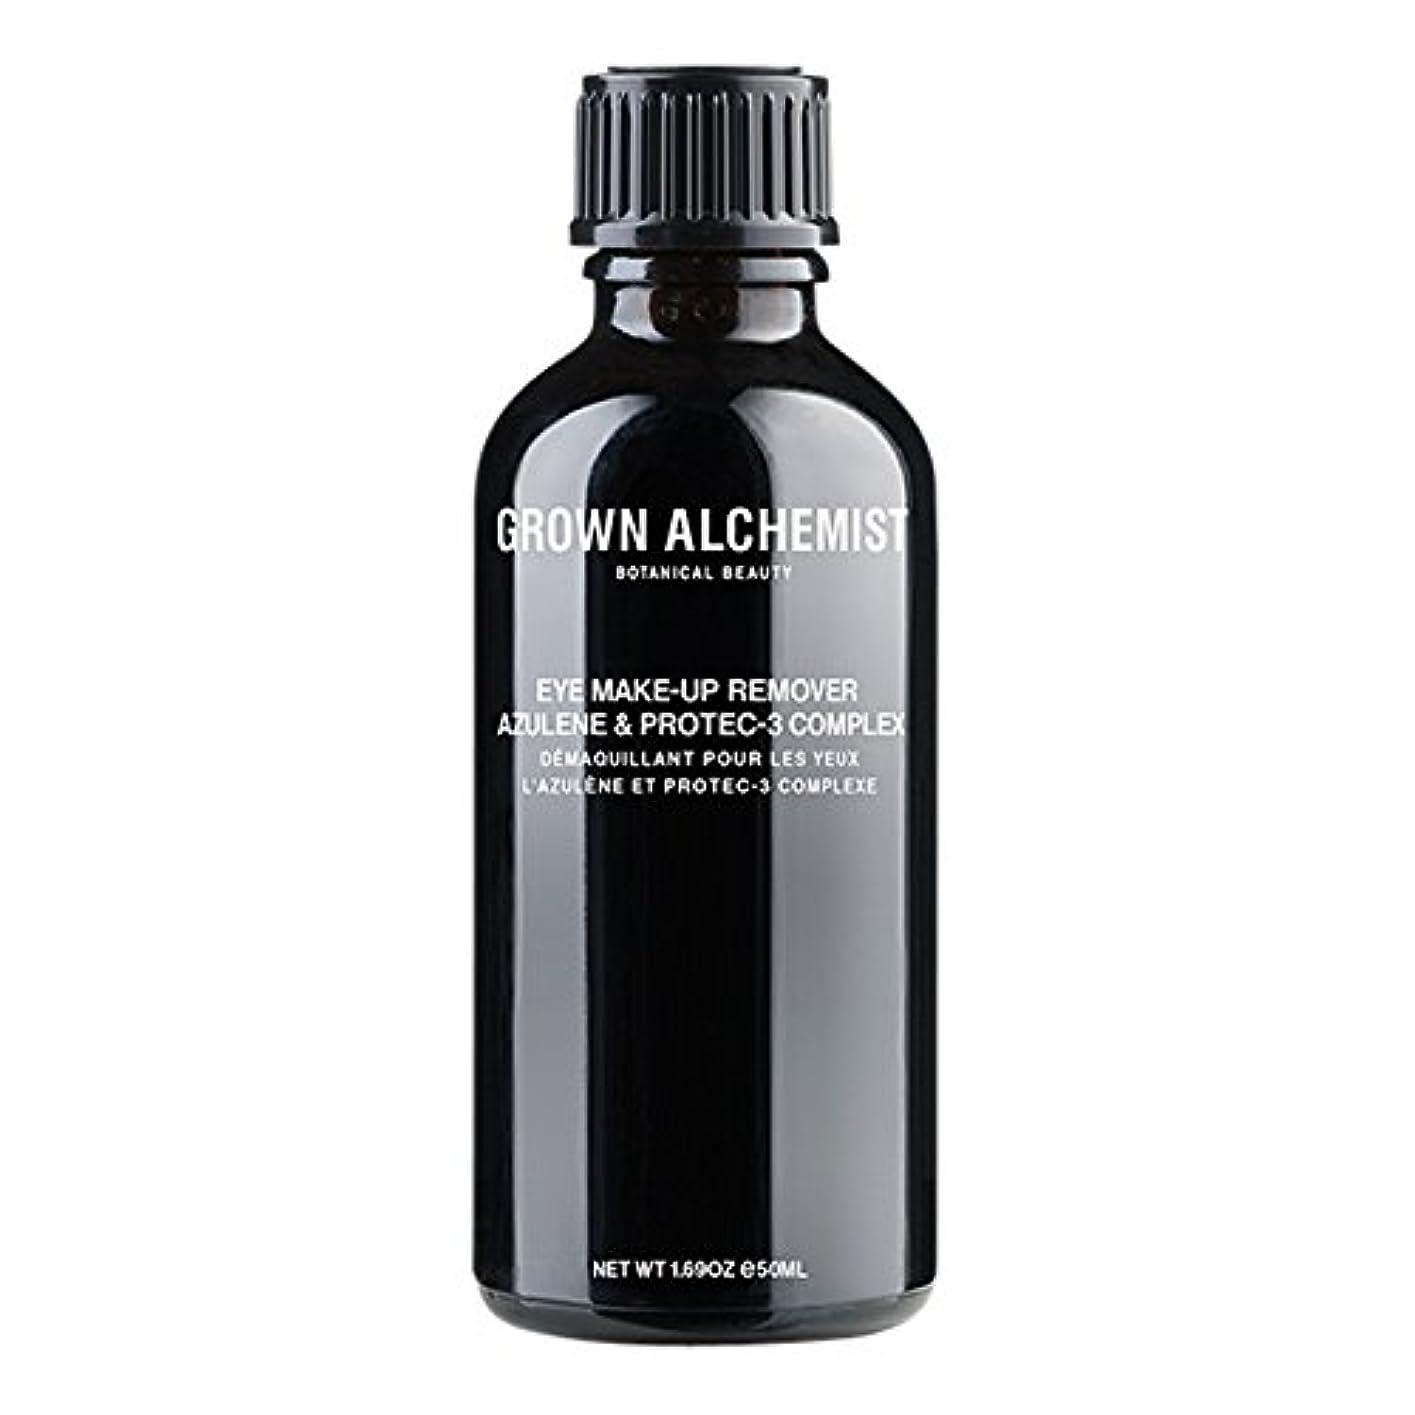 古代実行保証金成長した錬金術師アズレン&Protec-3アイメイクアップリムーバーの50ミリリットル (Grown Alchemist) (x2) - Grown Alchemist Azulene & Protec-3 Eye-Makeup Remover 50ml (Pack of 2) [並行輸入品]